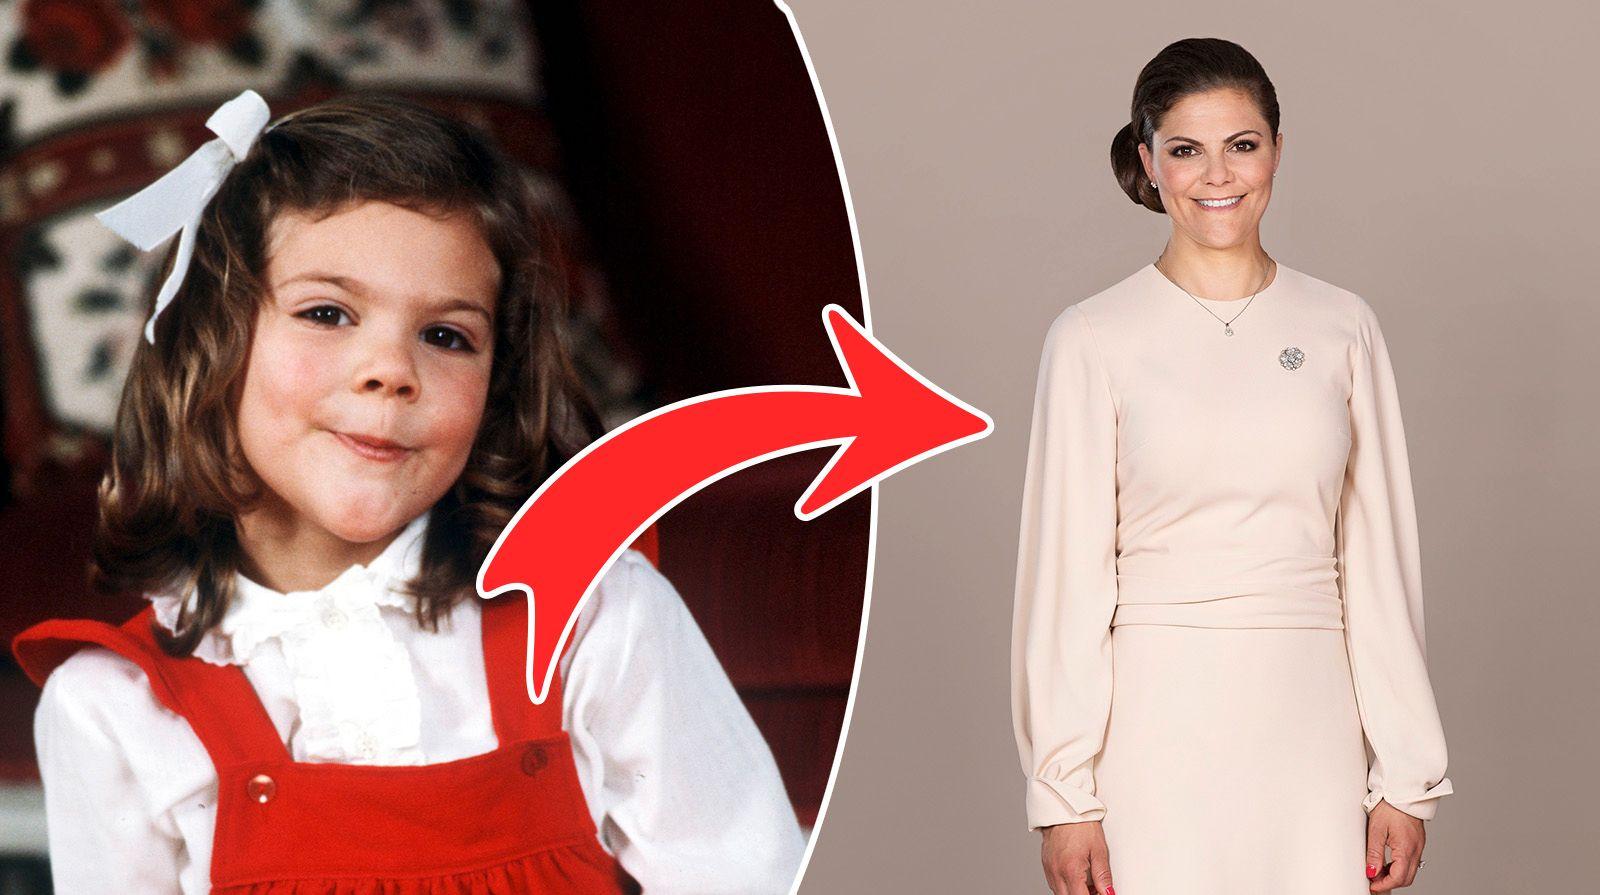 viktoria fyller år Kronprinsessan Victoria 41 år – släpper ny bild | Aftonbladet viktoria fyller år